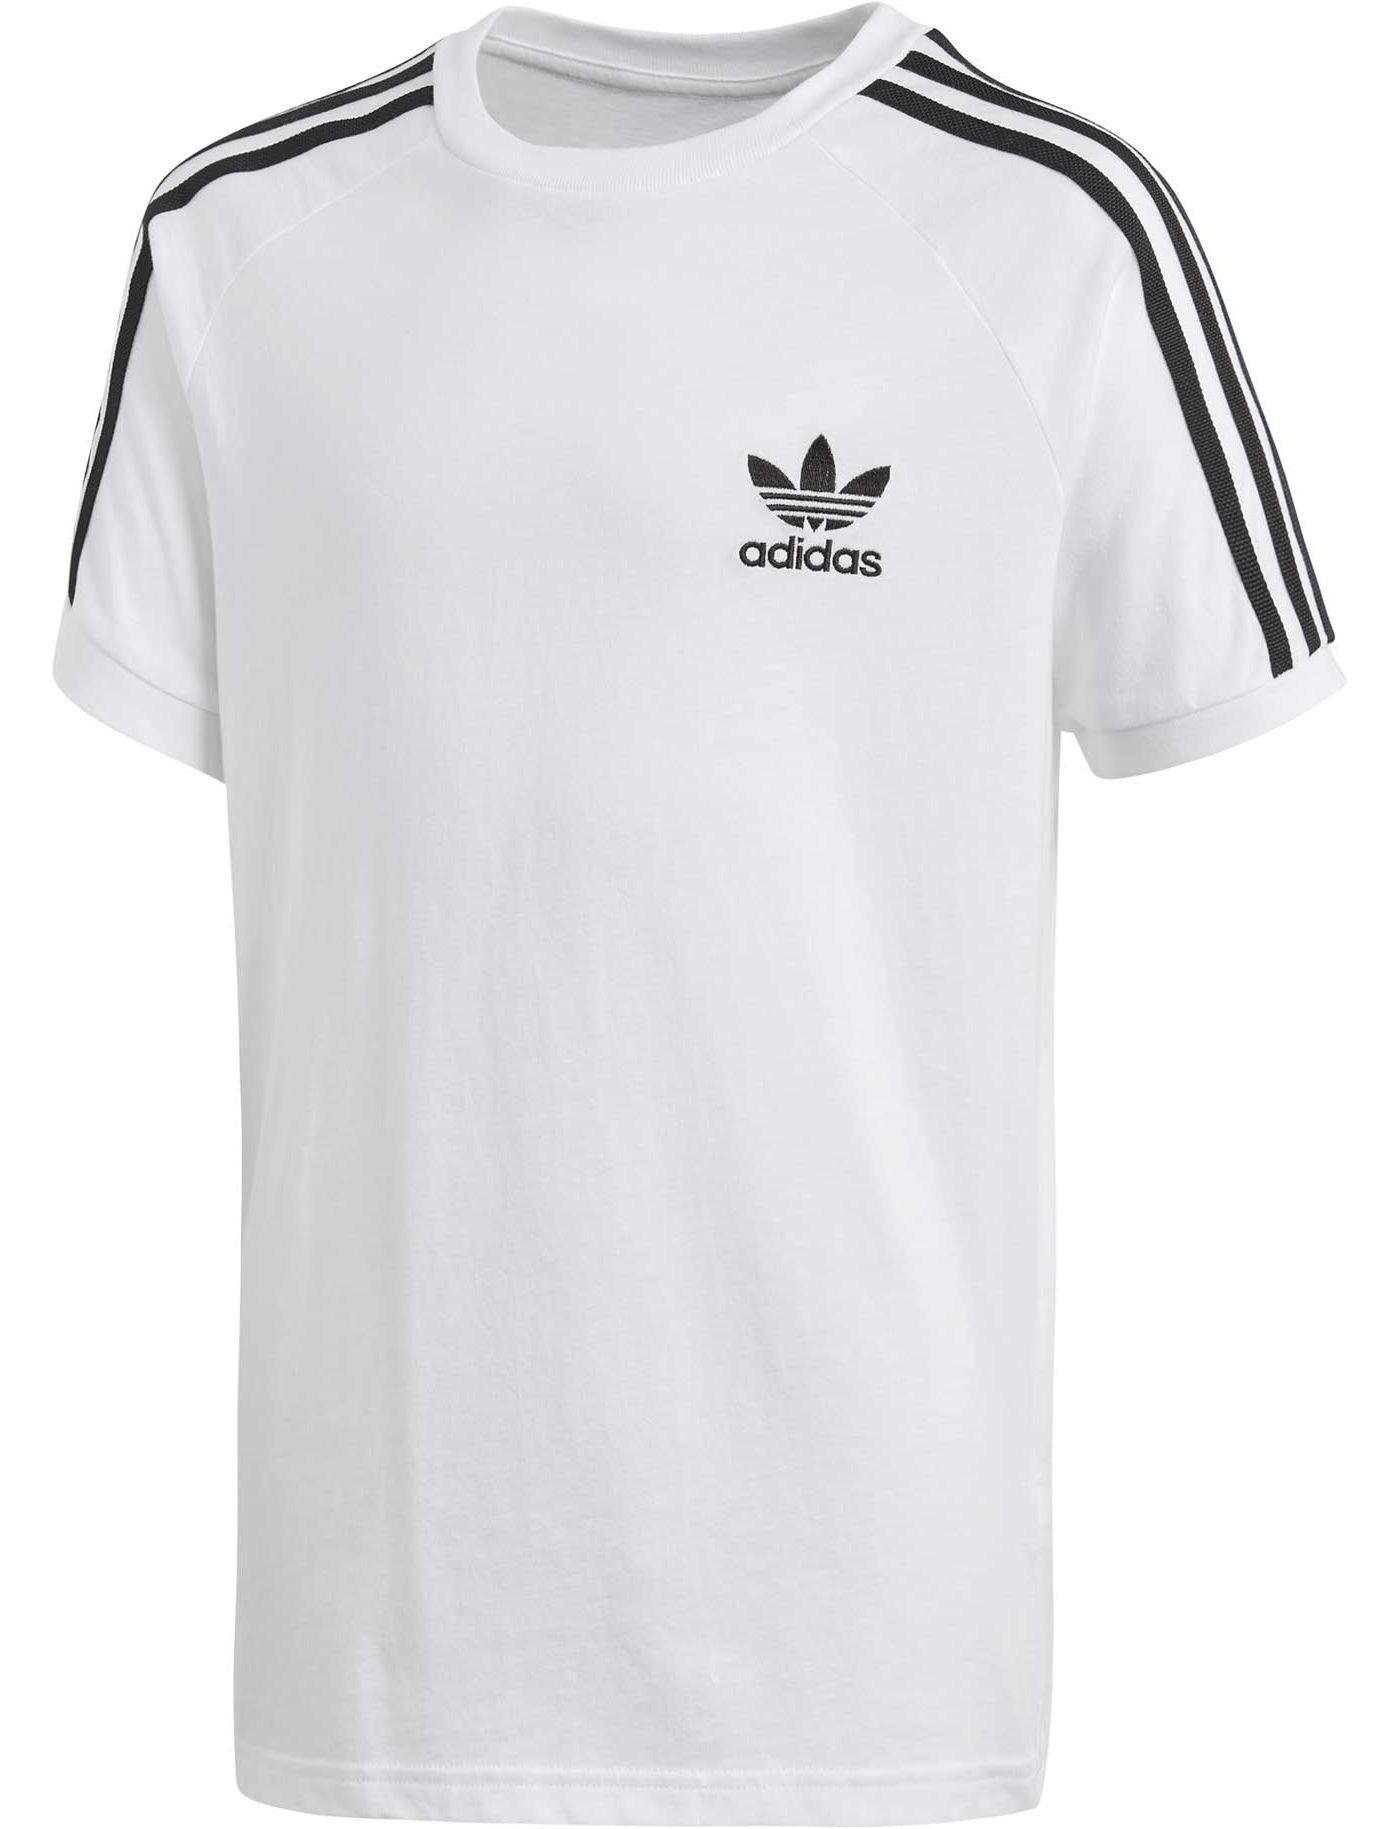 adidas Originals Boys' California T-Shirt